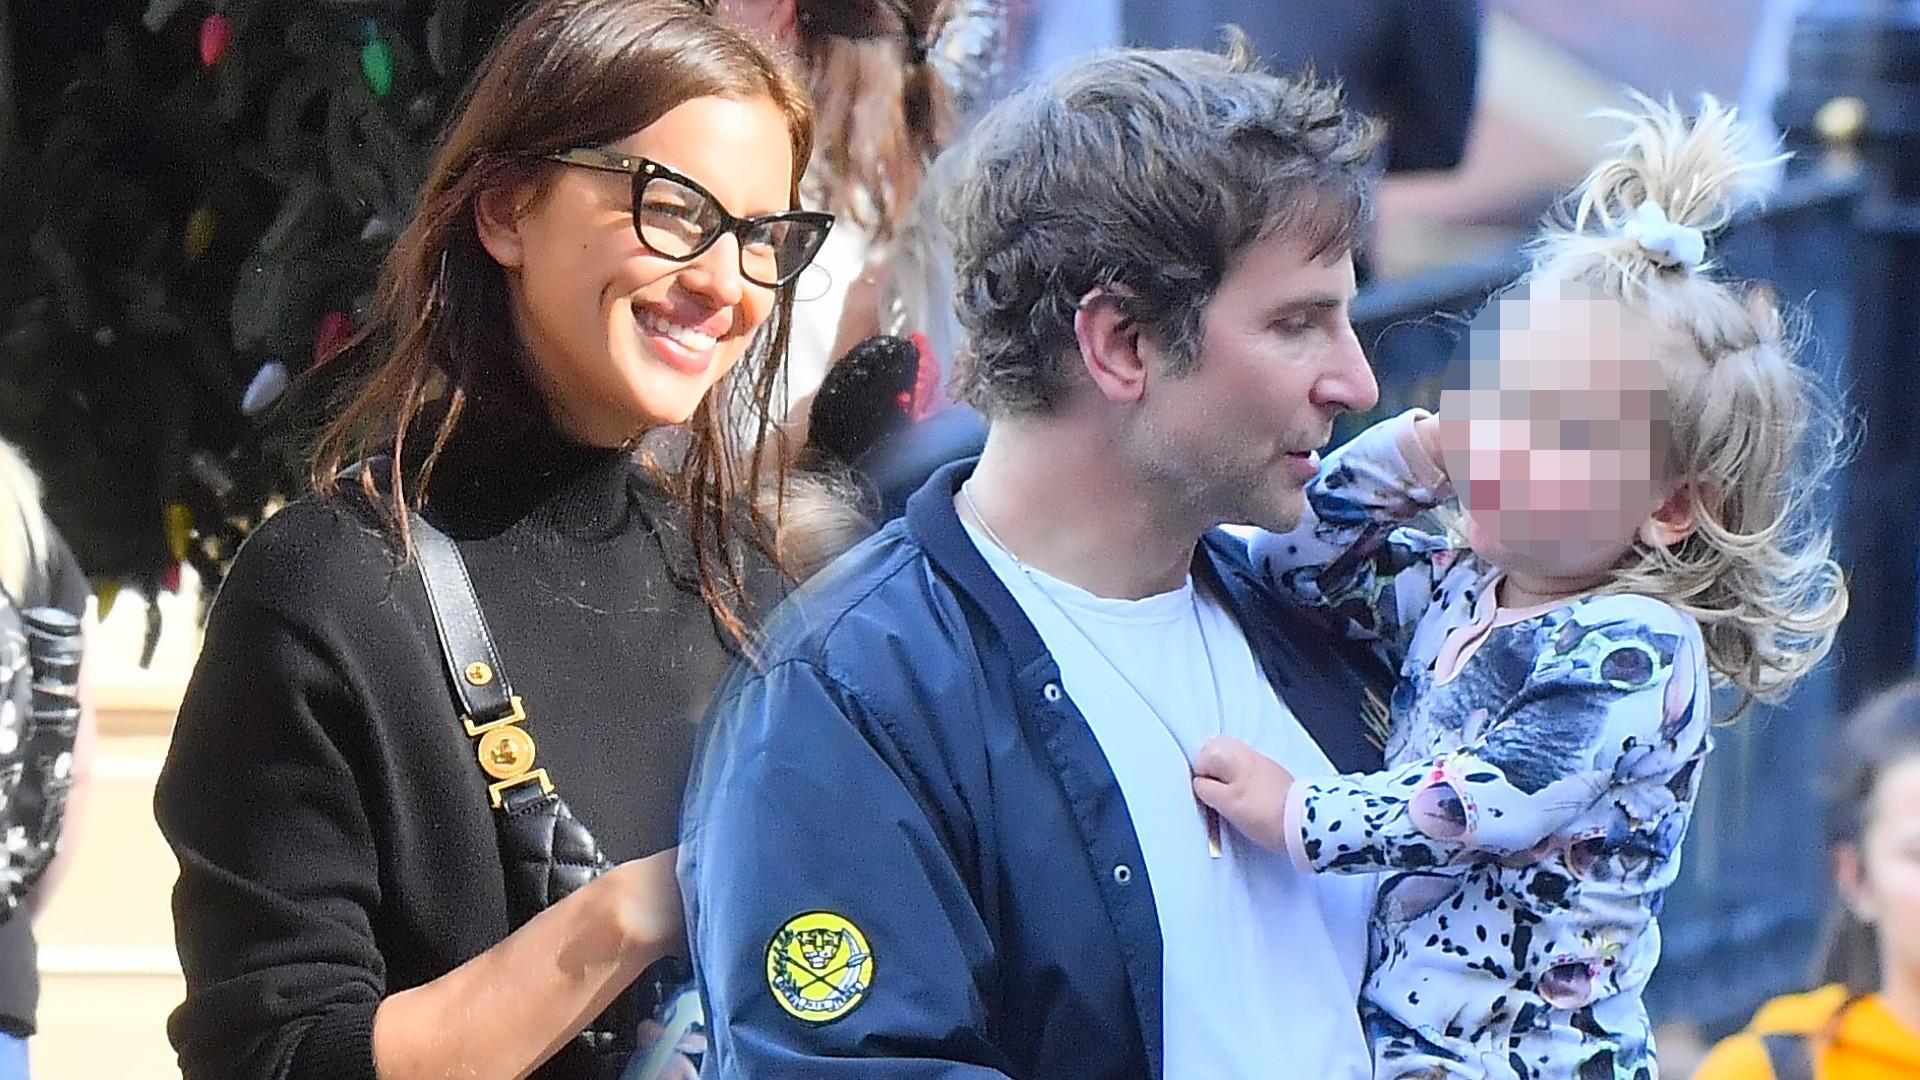 Irina Shayk i Bradley Cooper z córeczką na spacerze (ZDJĘCIA)